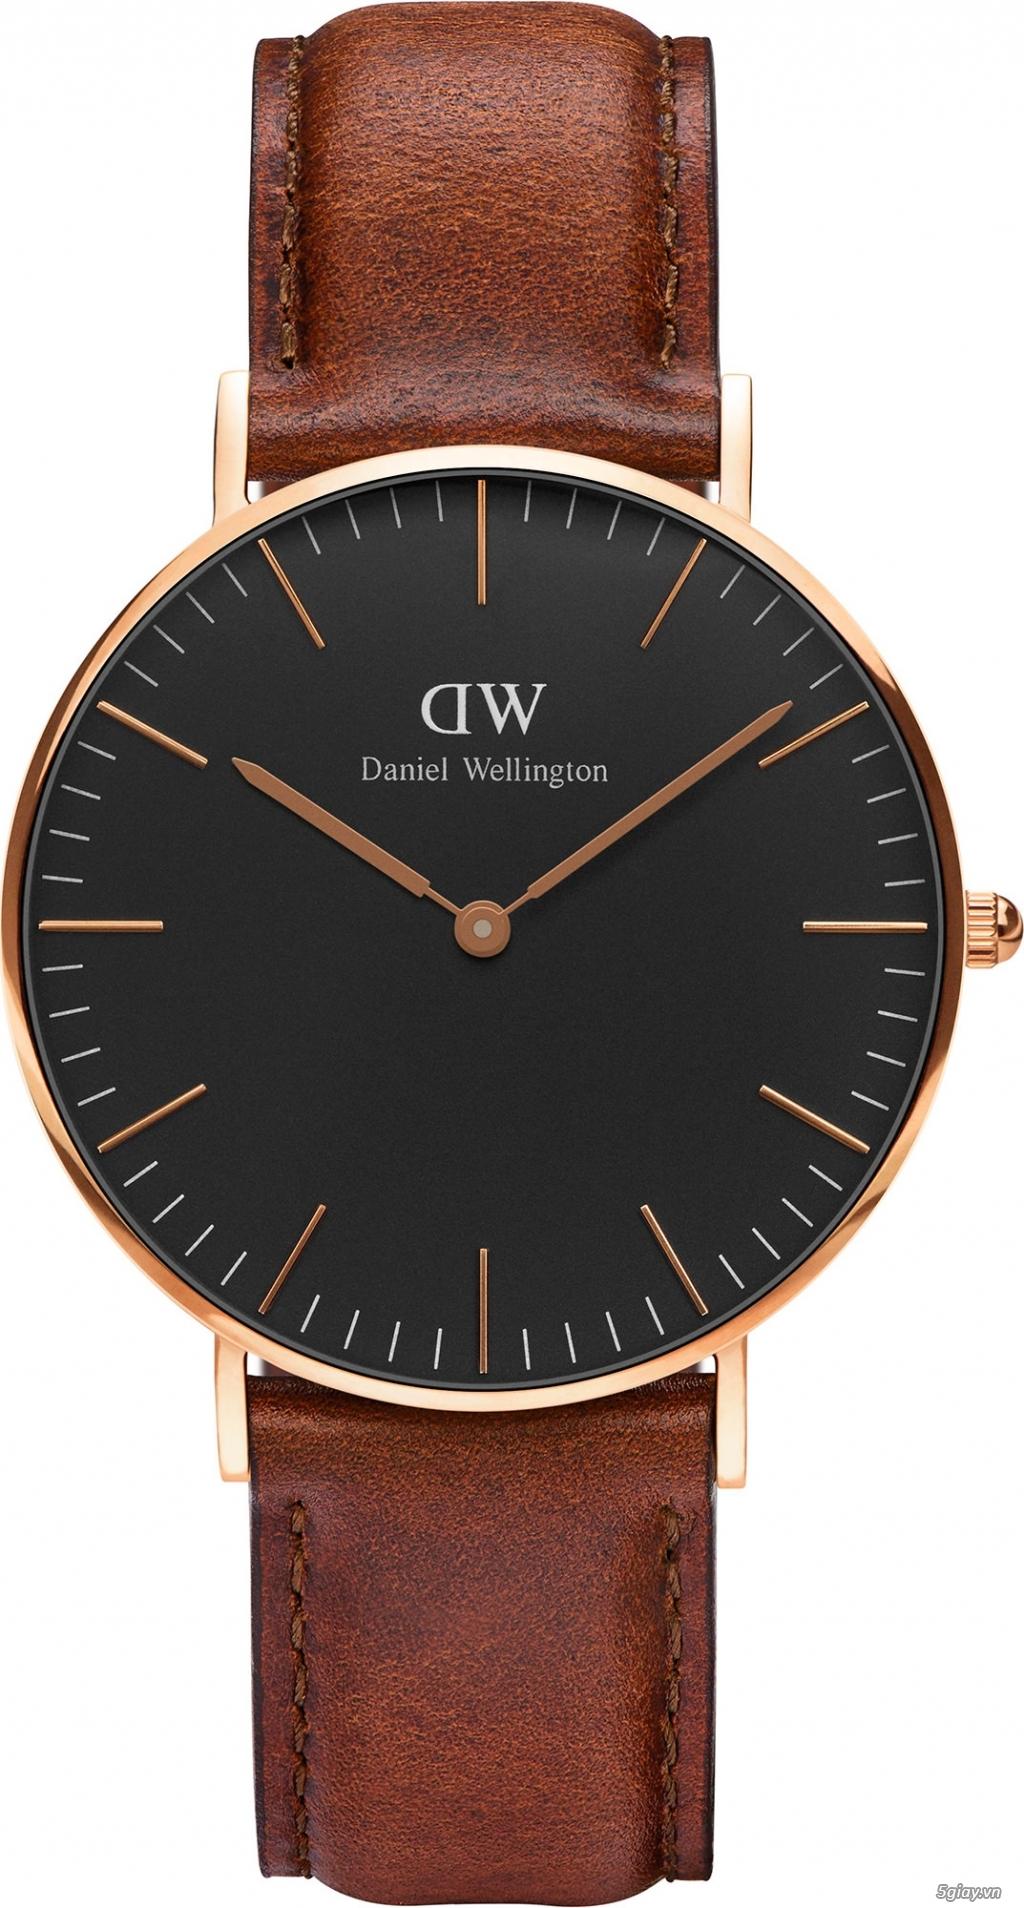 Đồng hồ Daniel Wellington- chánh hãng, fullbox mới 100% - 4